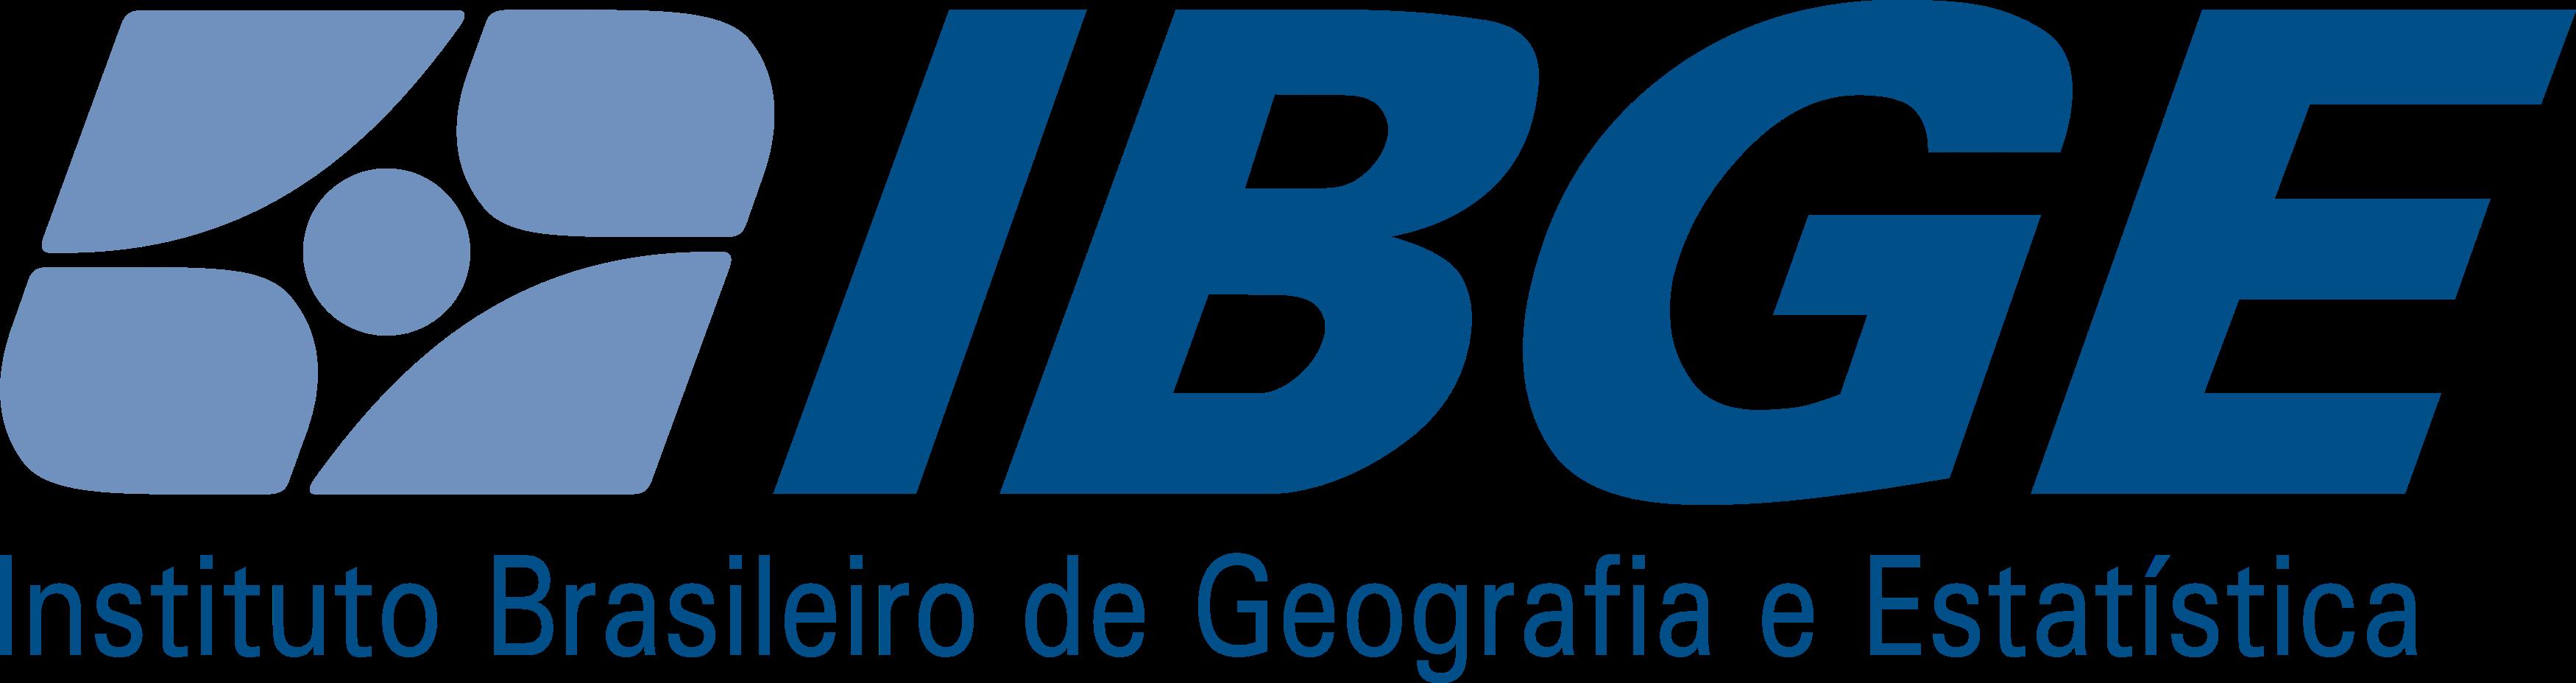 IBGE Logo.